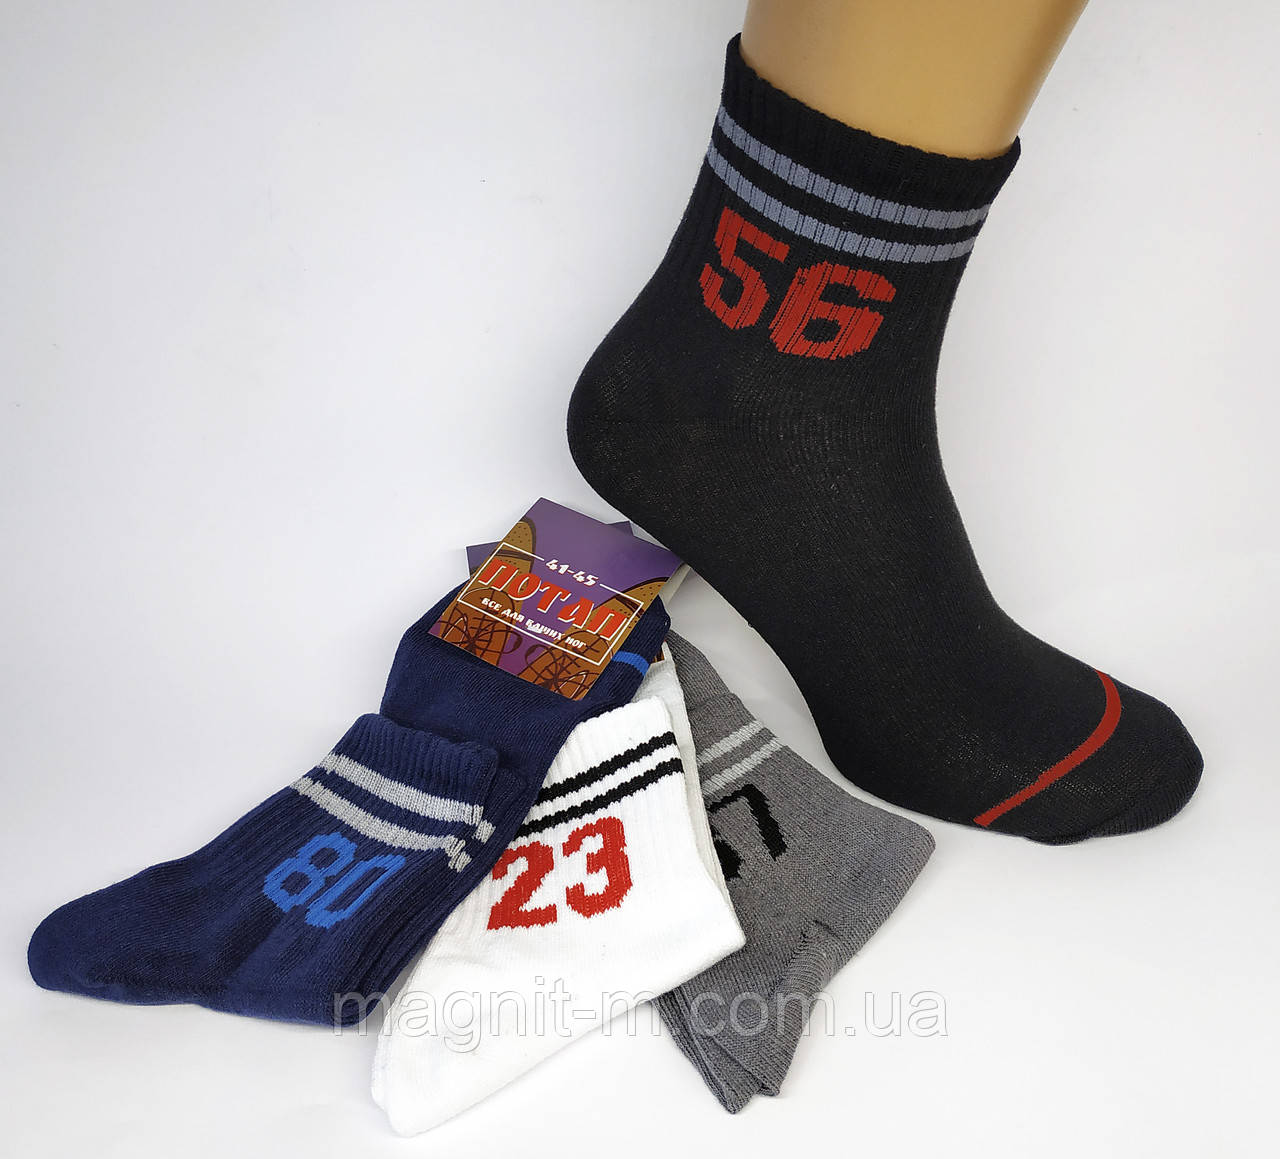 """Модні чоловічі стрейчеві шкарпетки """"Потап"""". Номери. (Роздріб)"""